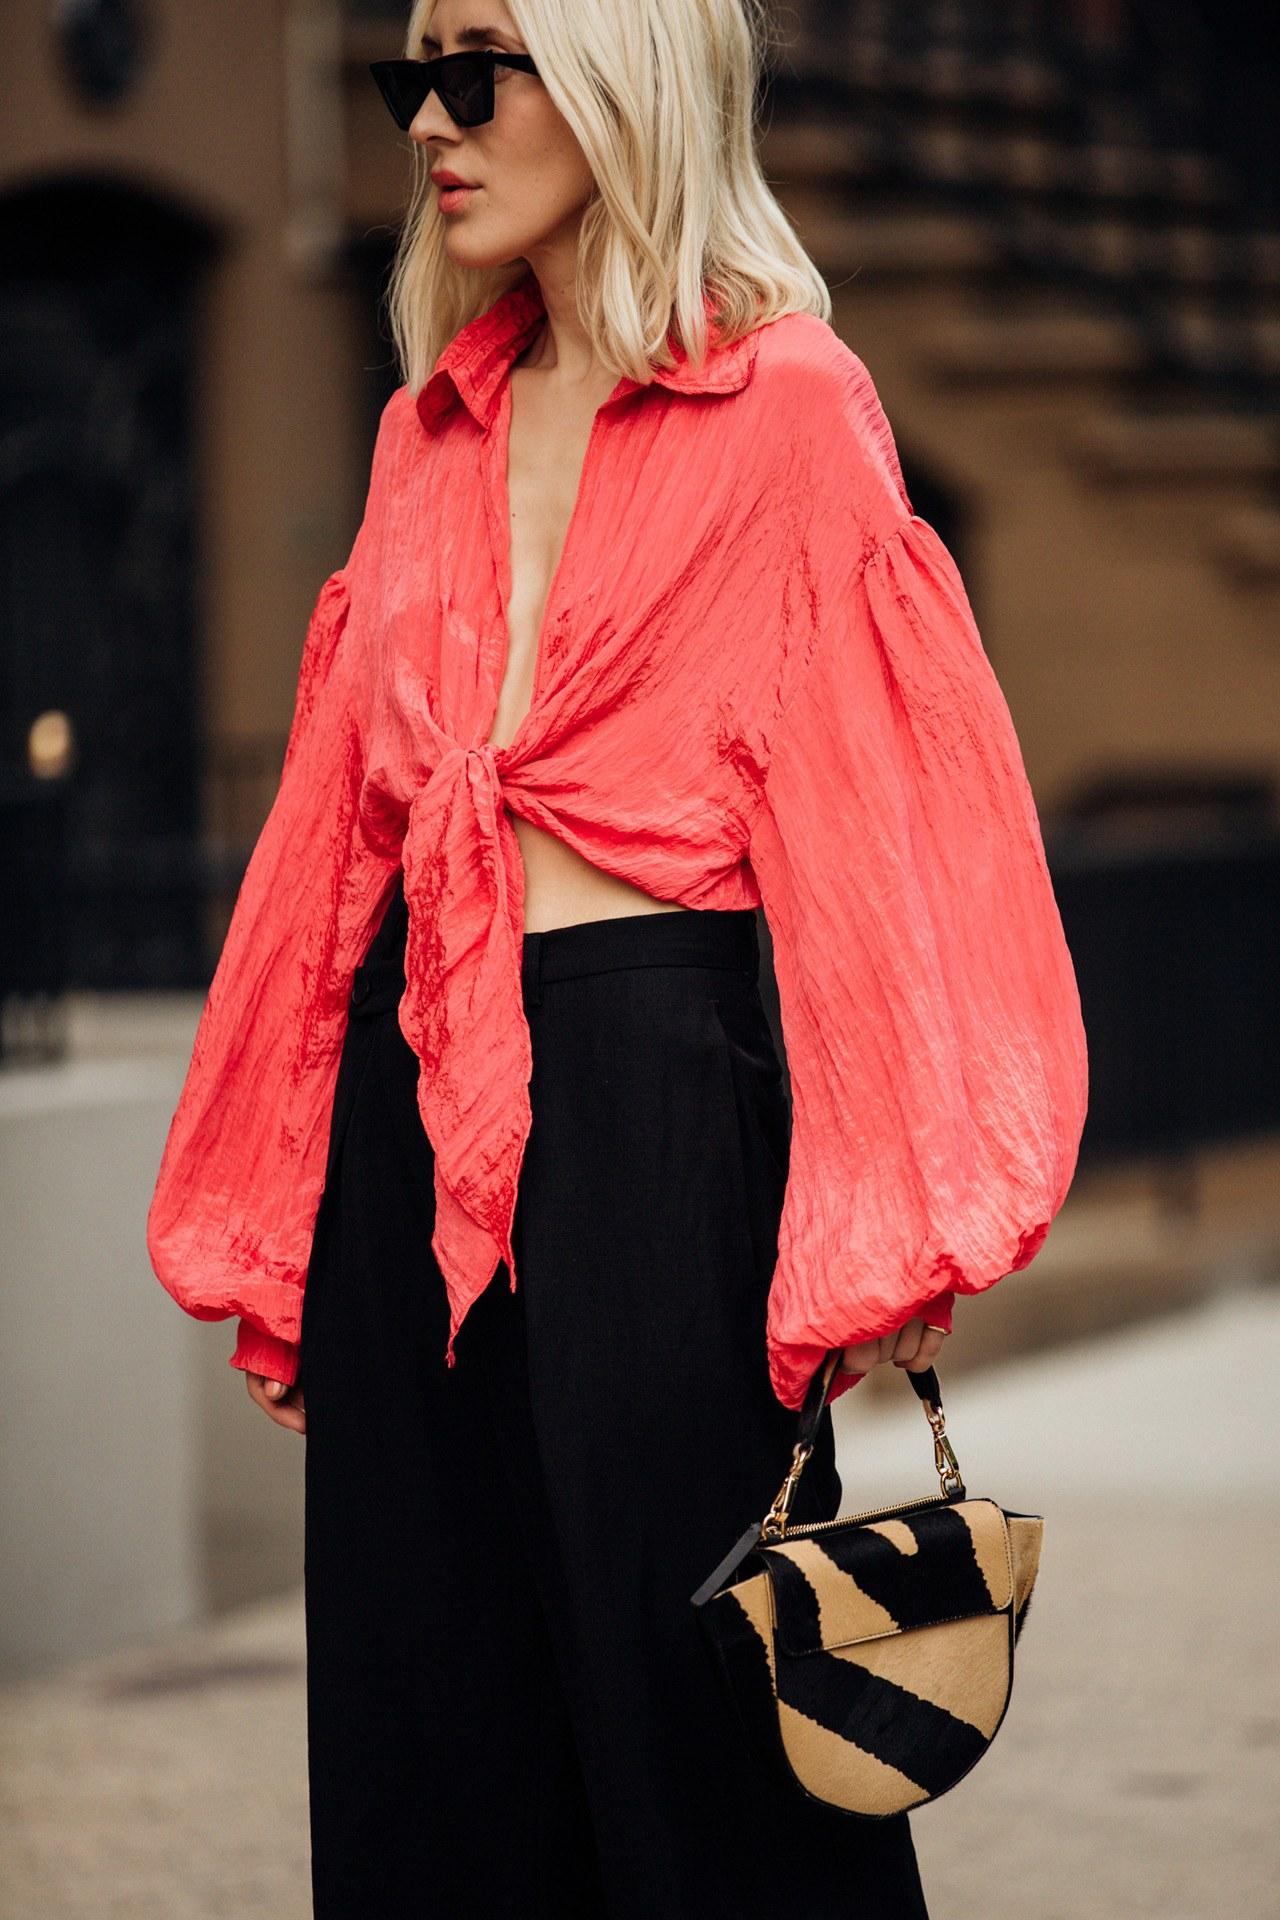 áo buộc vạt màu hồng san hô túi dior